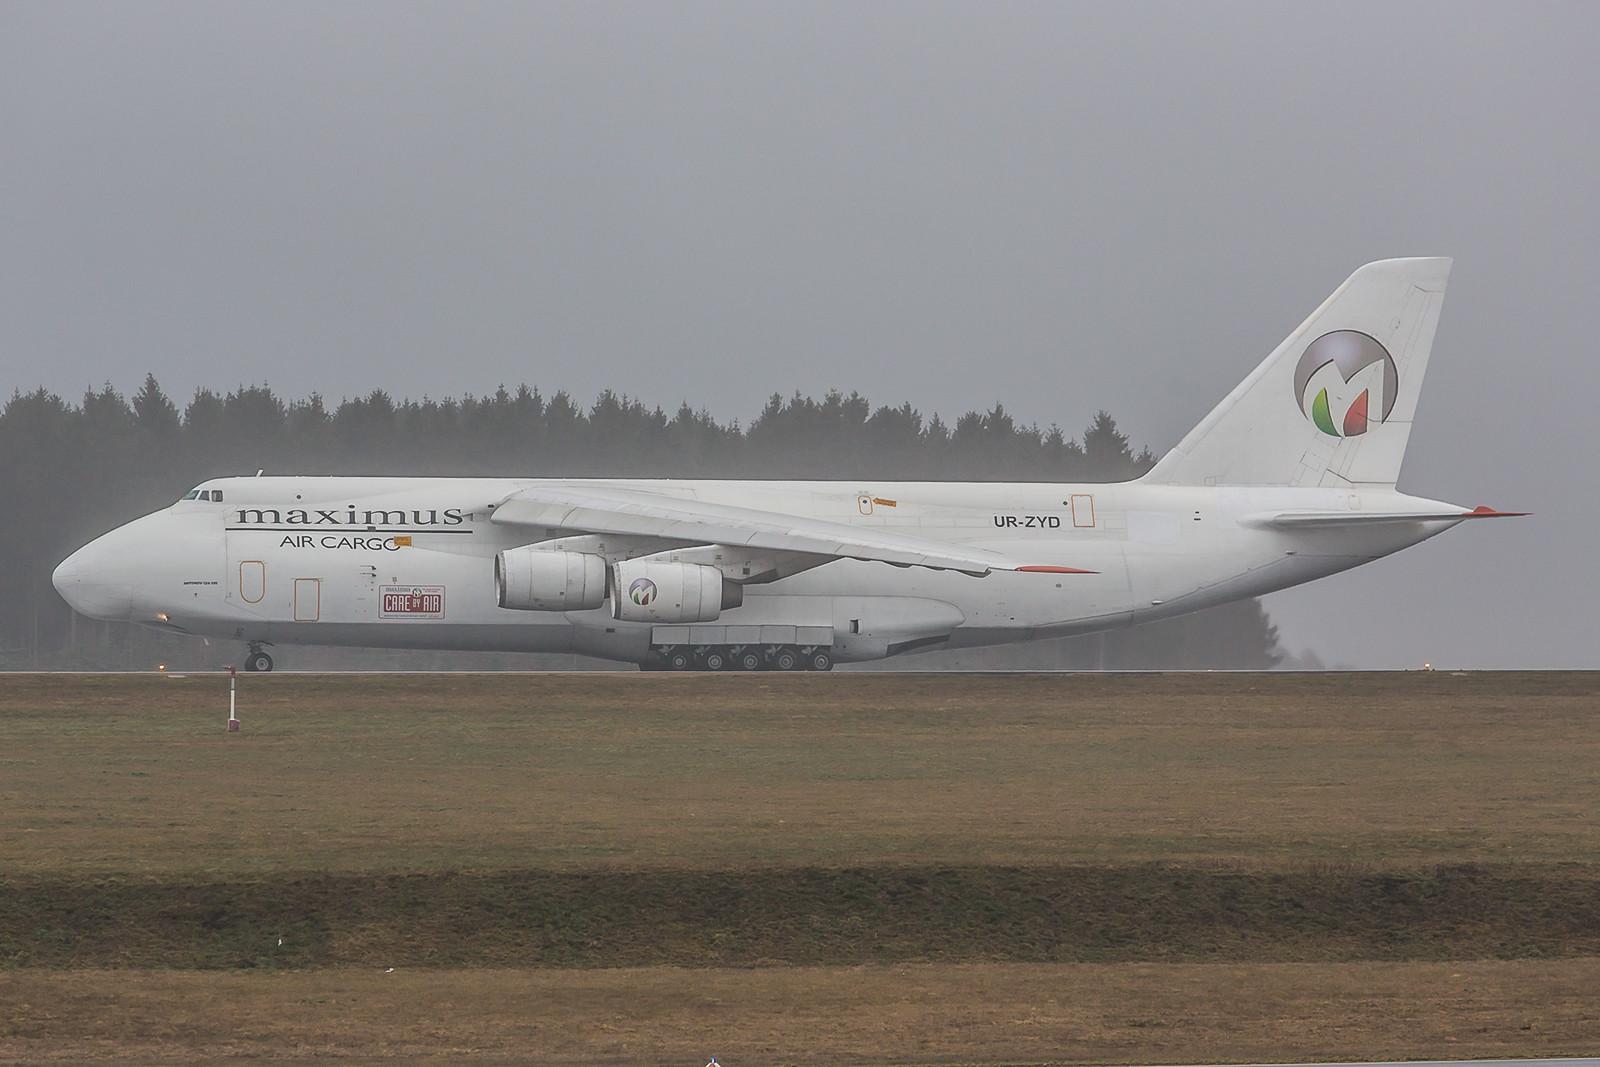 EDFH, 23.03.2016; UR-ZYD, Antonov AN-124-100 Ruslan, Maximus Air Cargo